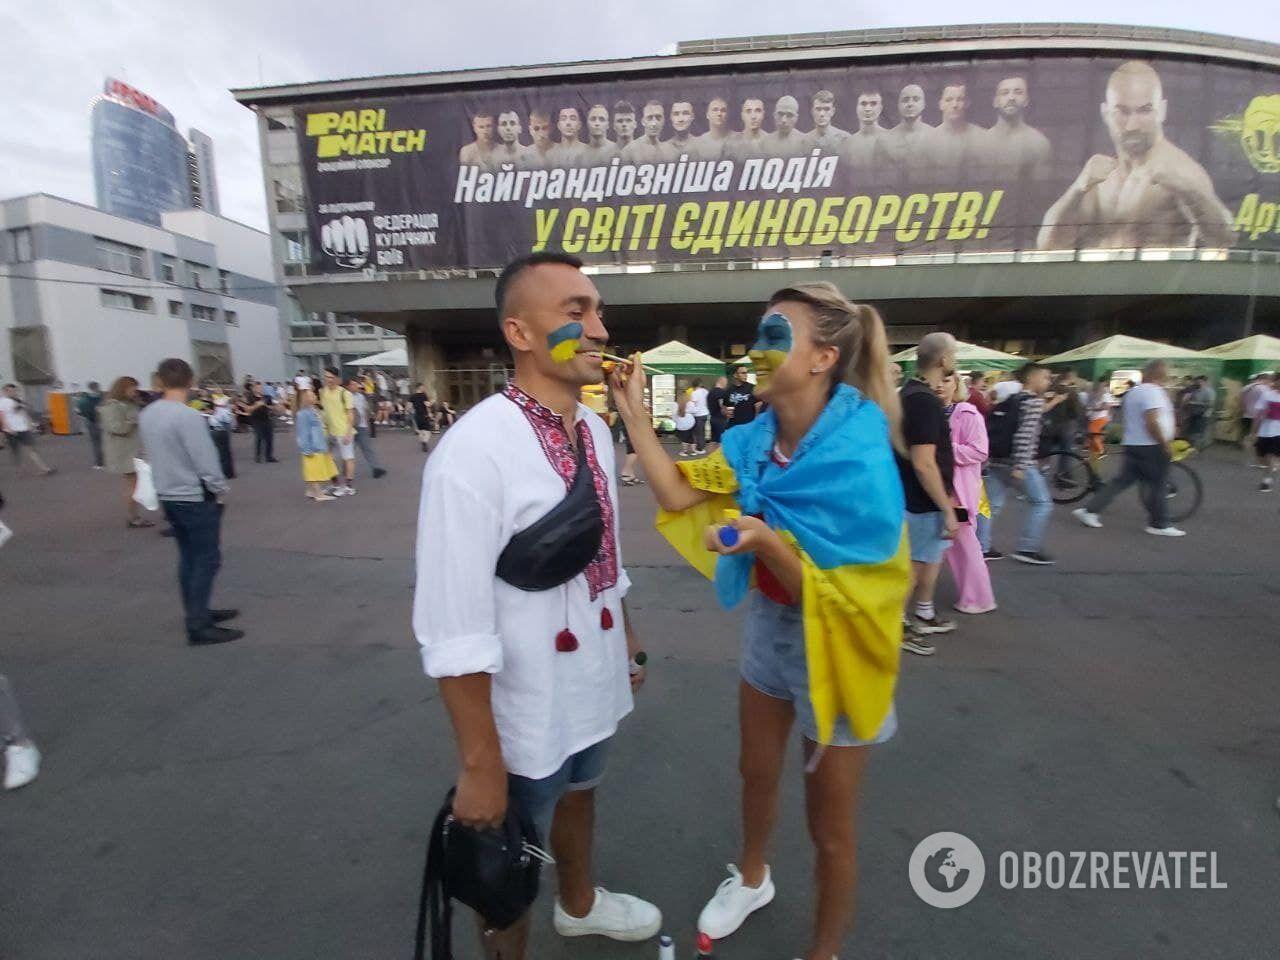 Вболівальники з Києва готуються до матчу збірної України.